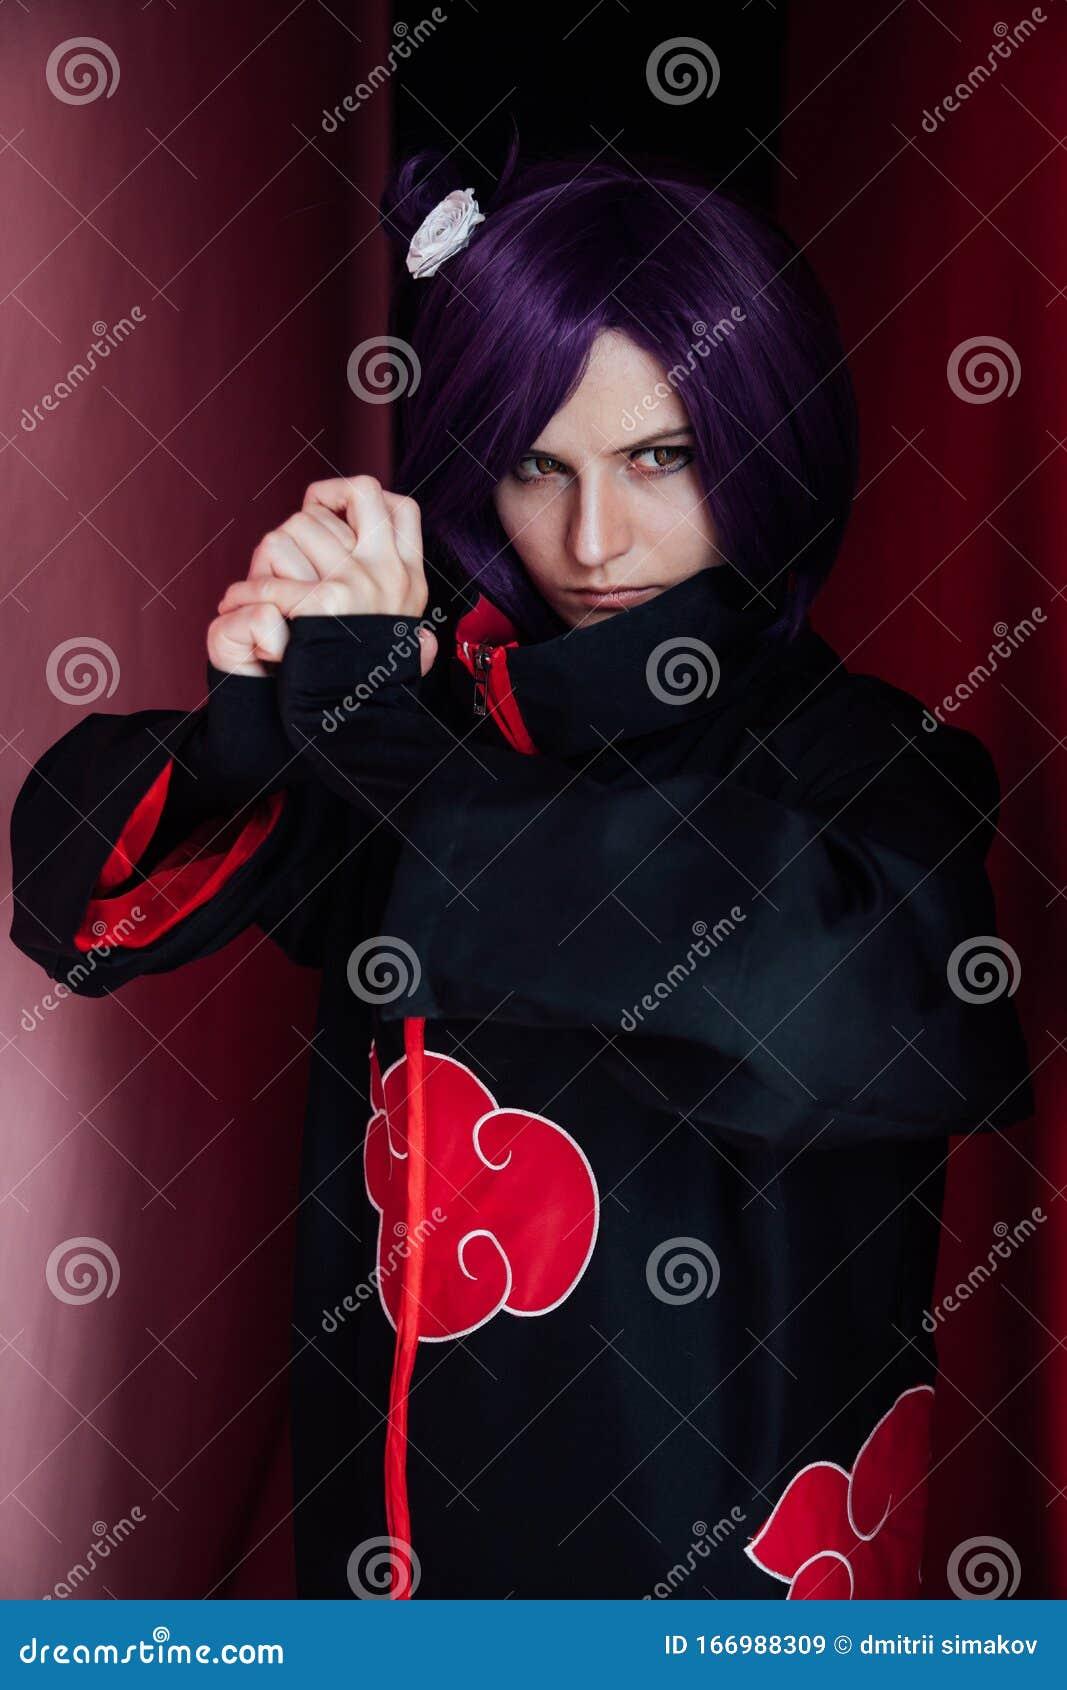 Giappone: Anime Donna Con Capelli Viola In Abiti Neri ...